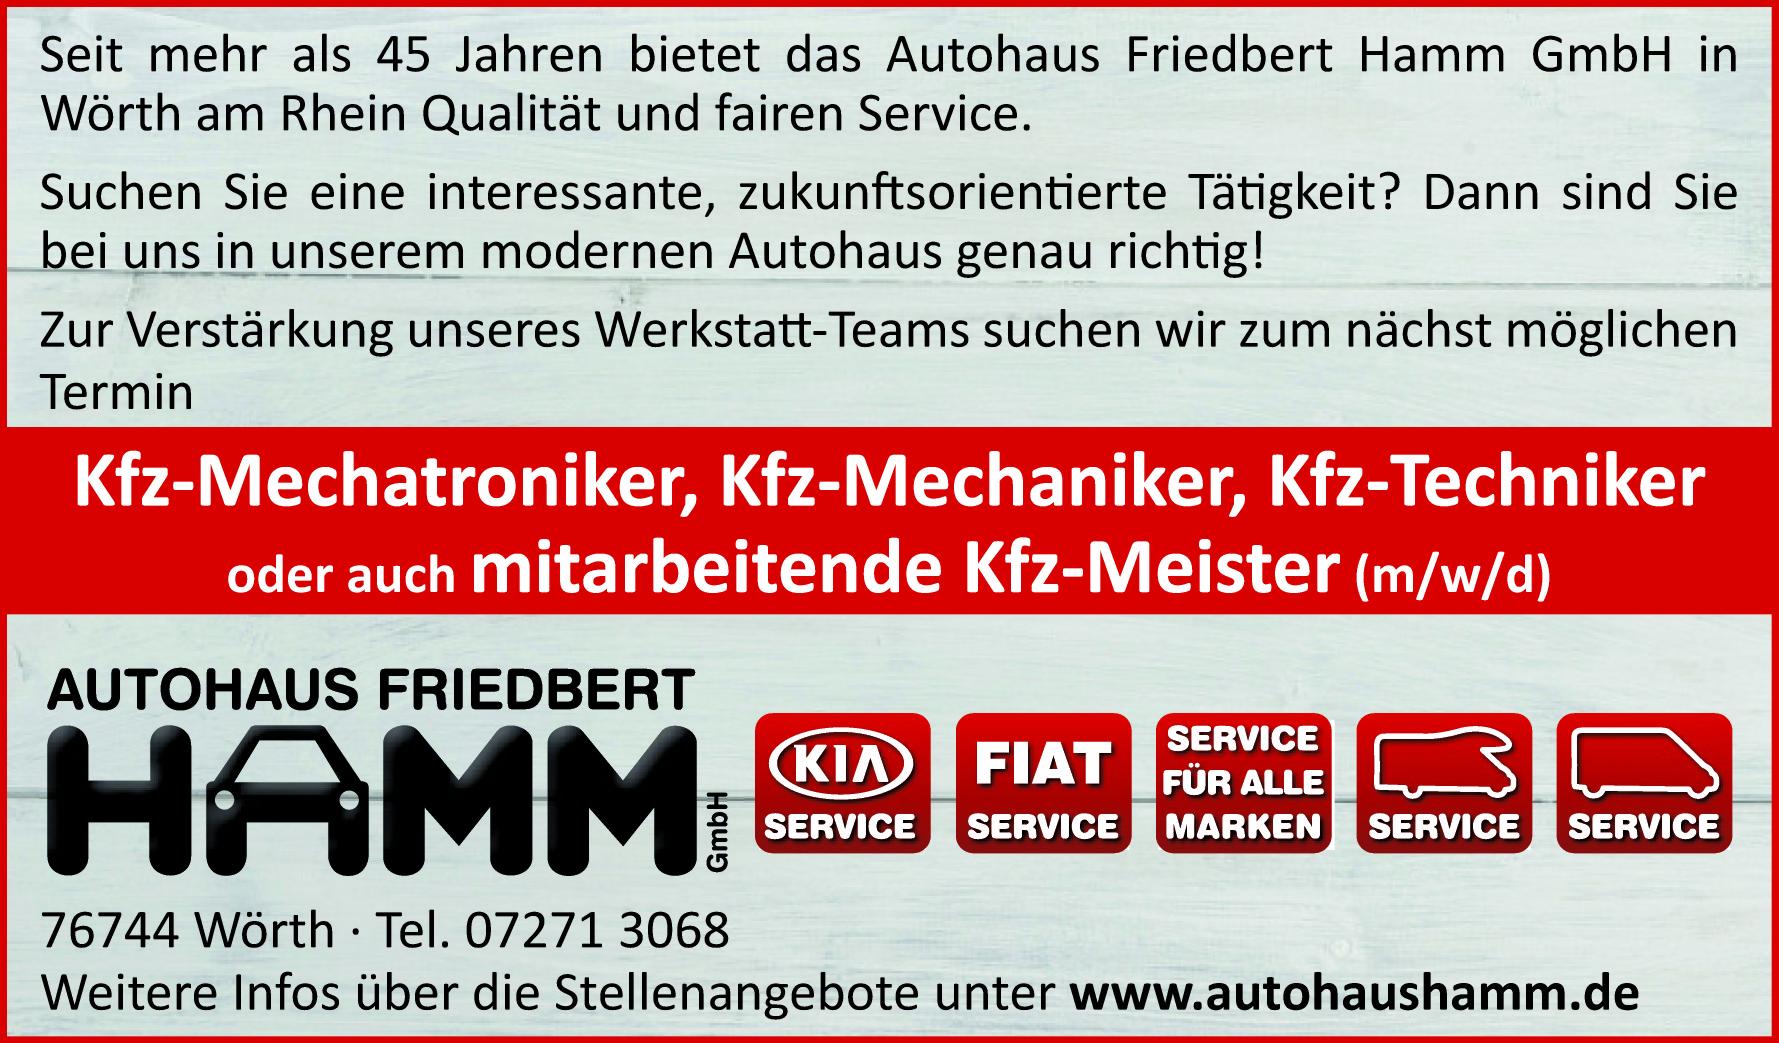 Autohaus Friedbert